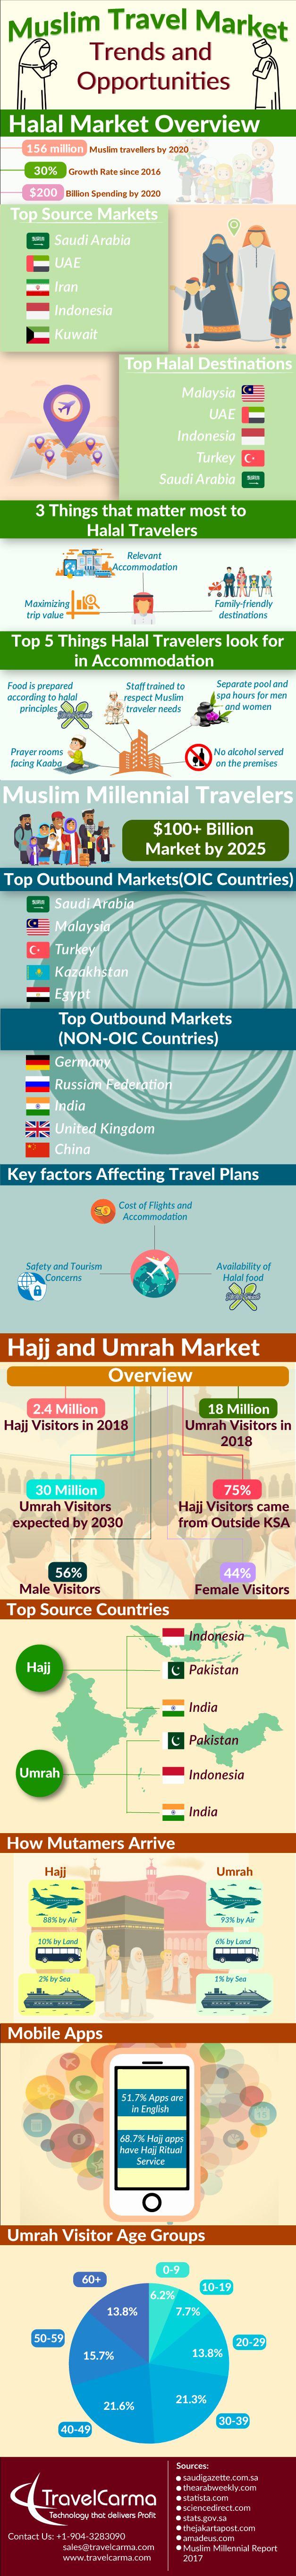 Infographic - Muslim Travel Market | Hajj and Umrah Market